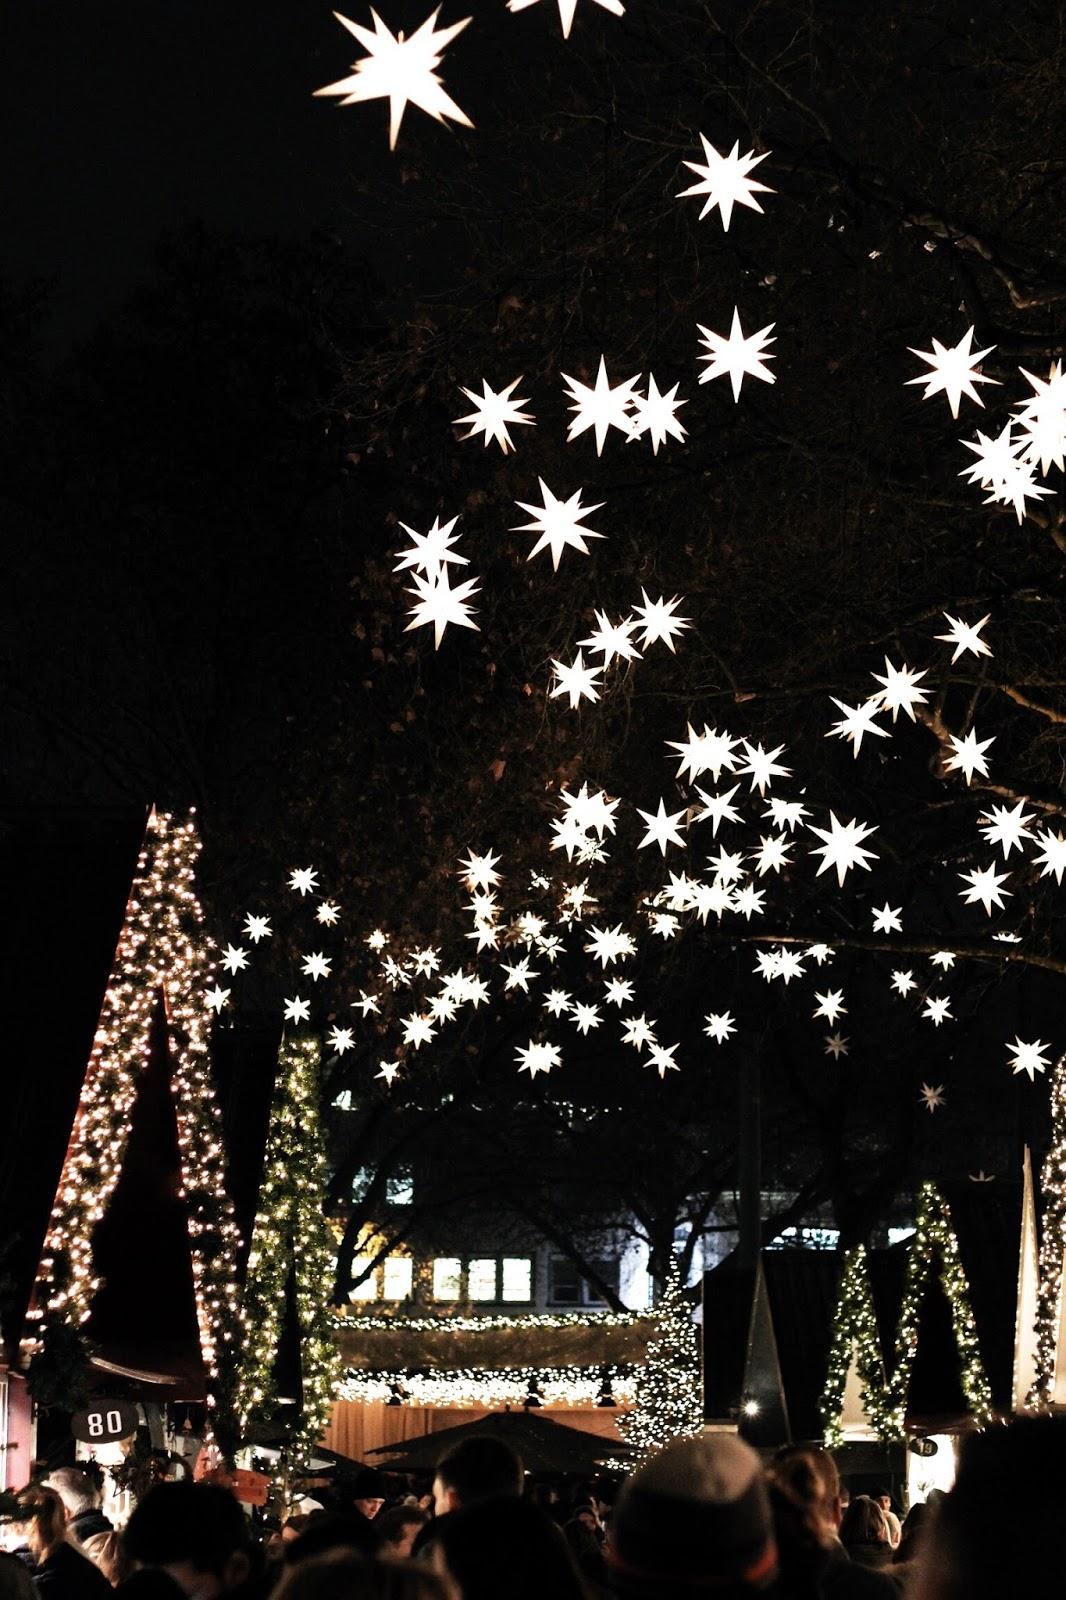 Cologne Markt der Engel Christmas market